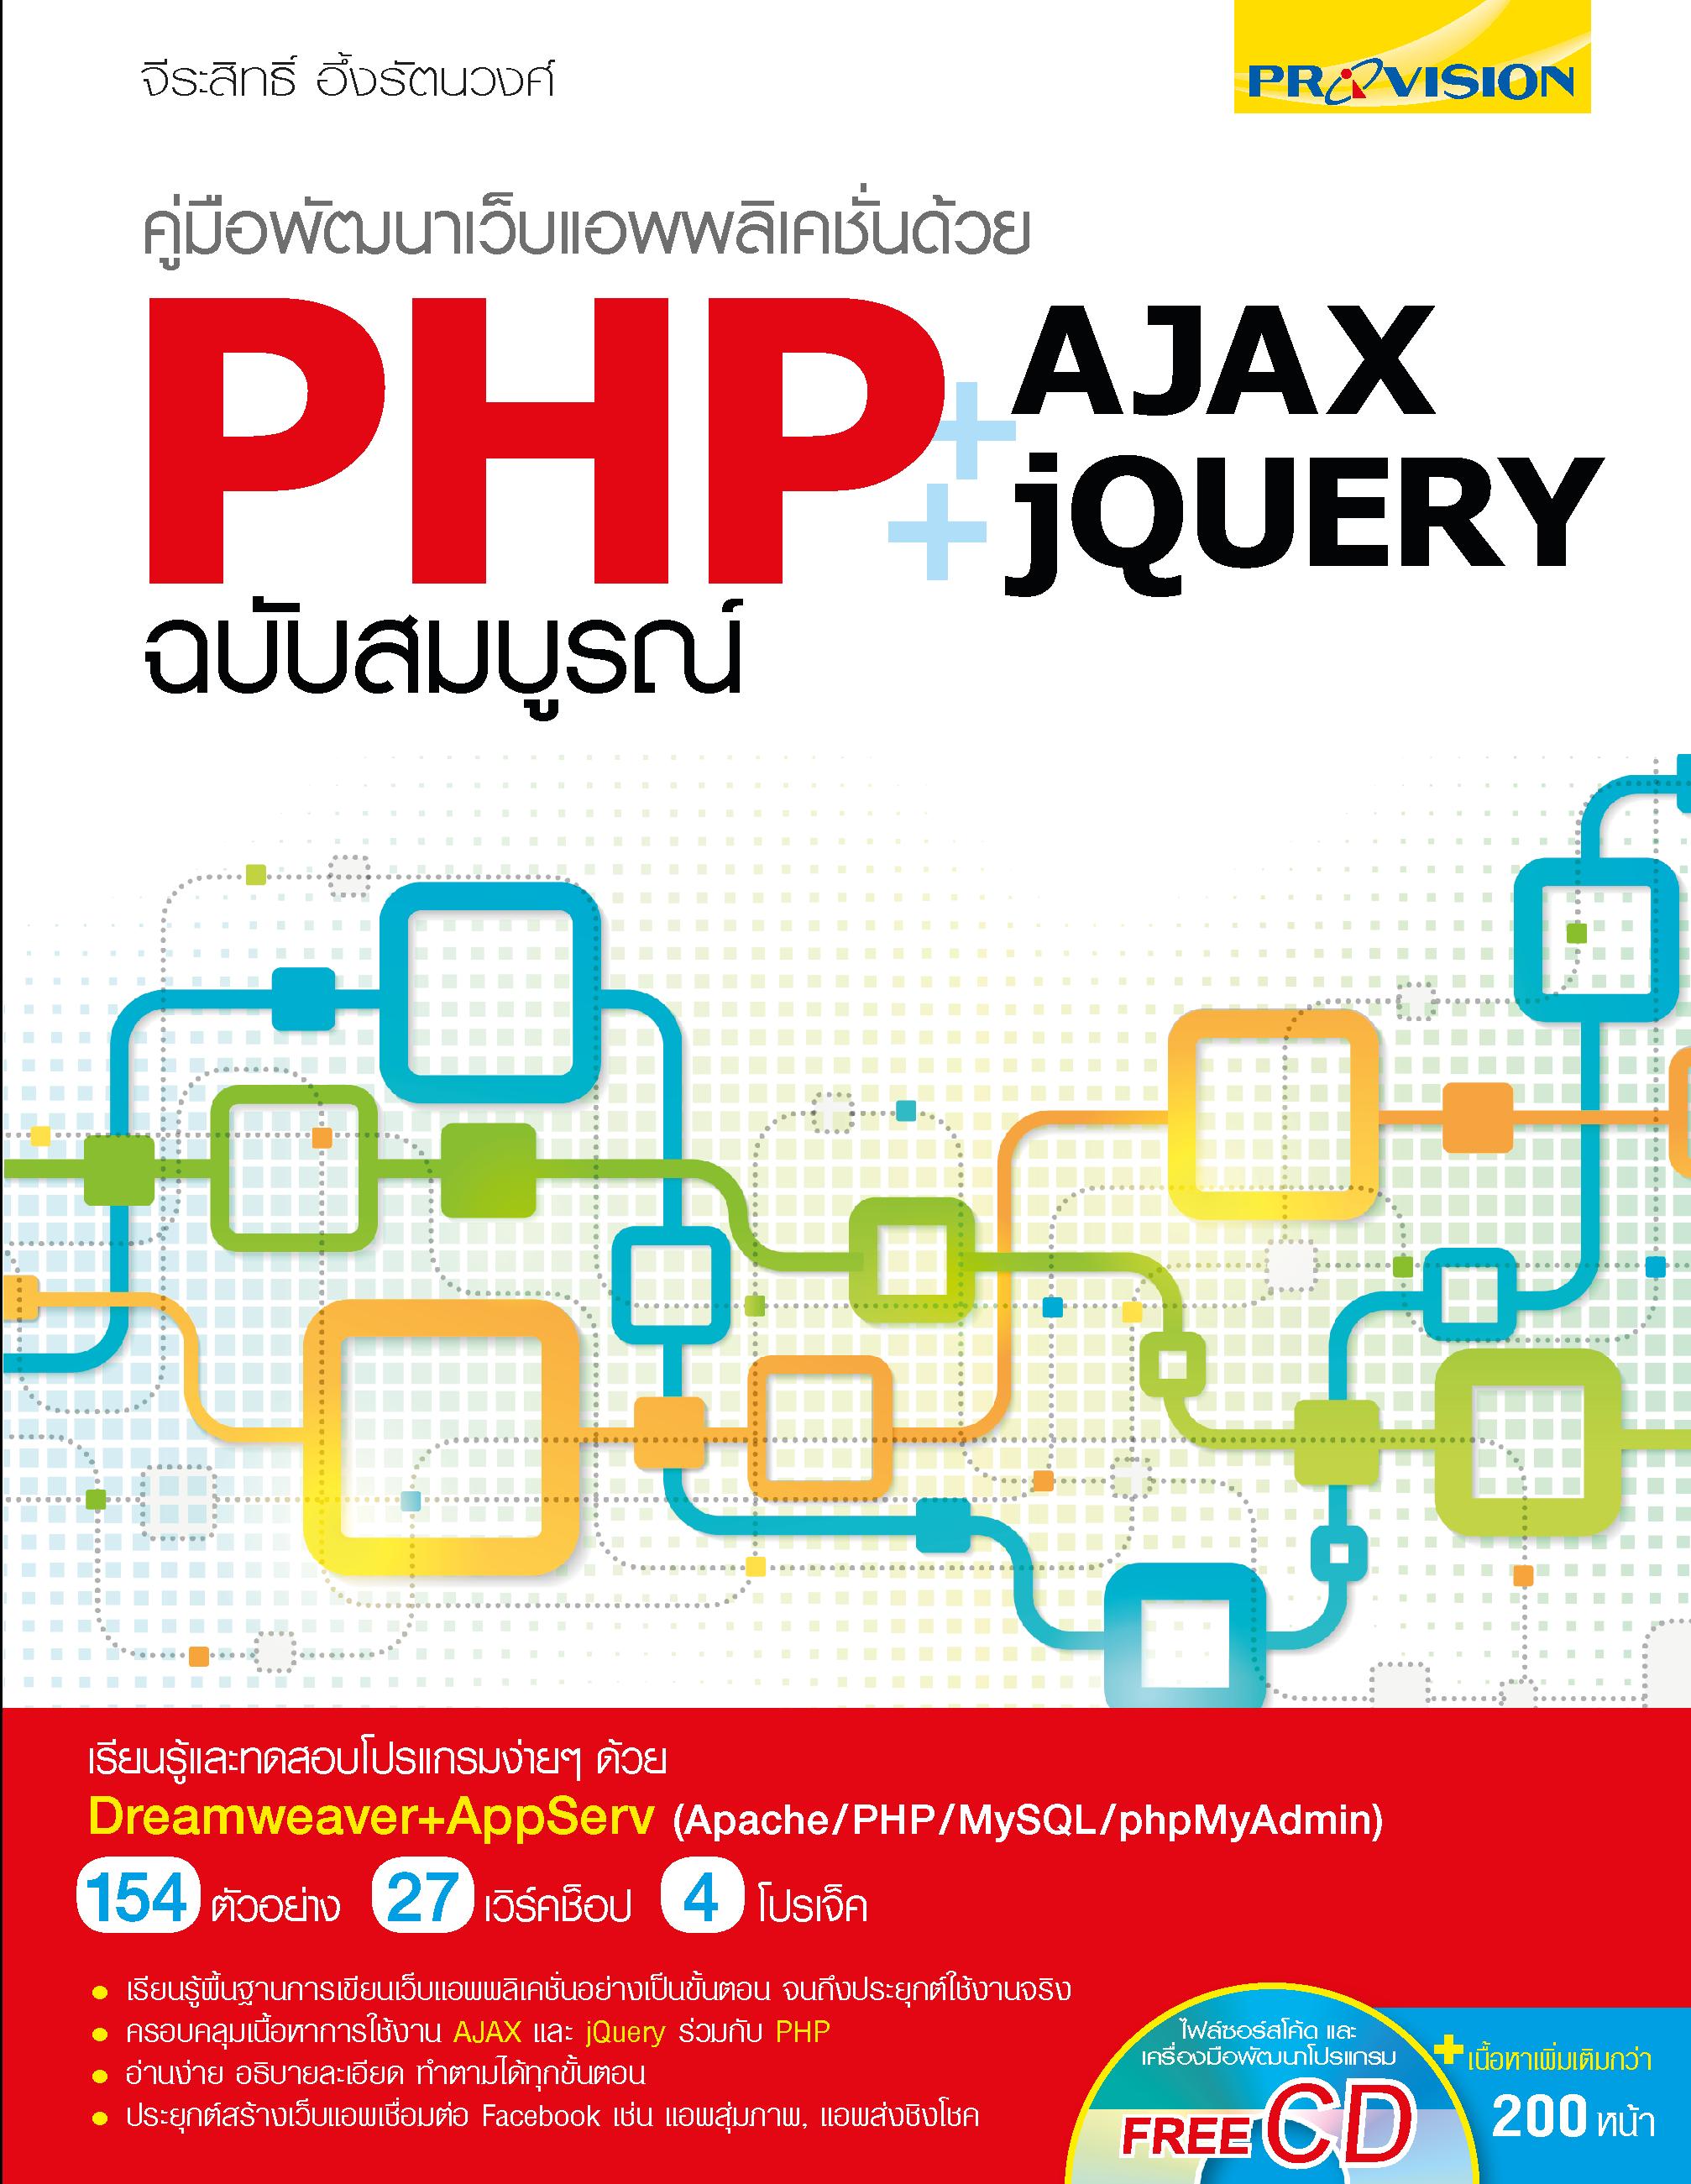 คู่มือพัฒนาเว็บแอพพลิเคชั่นด้วย PHP + AJAX + jQUERY